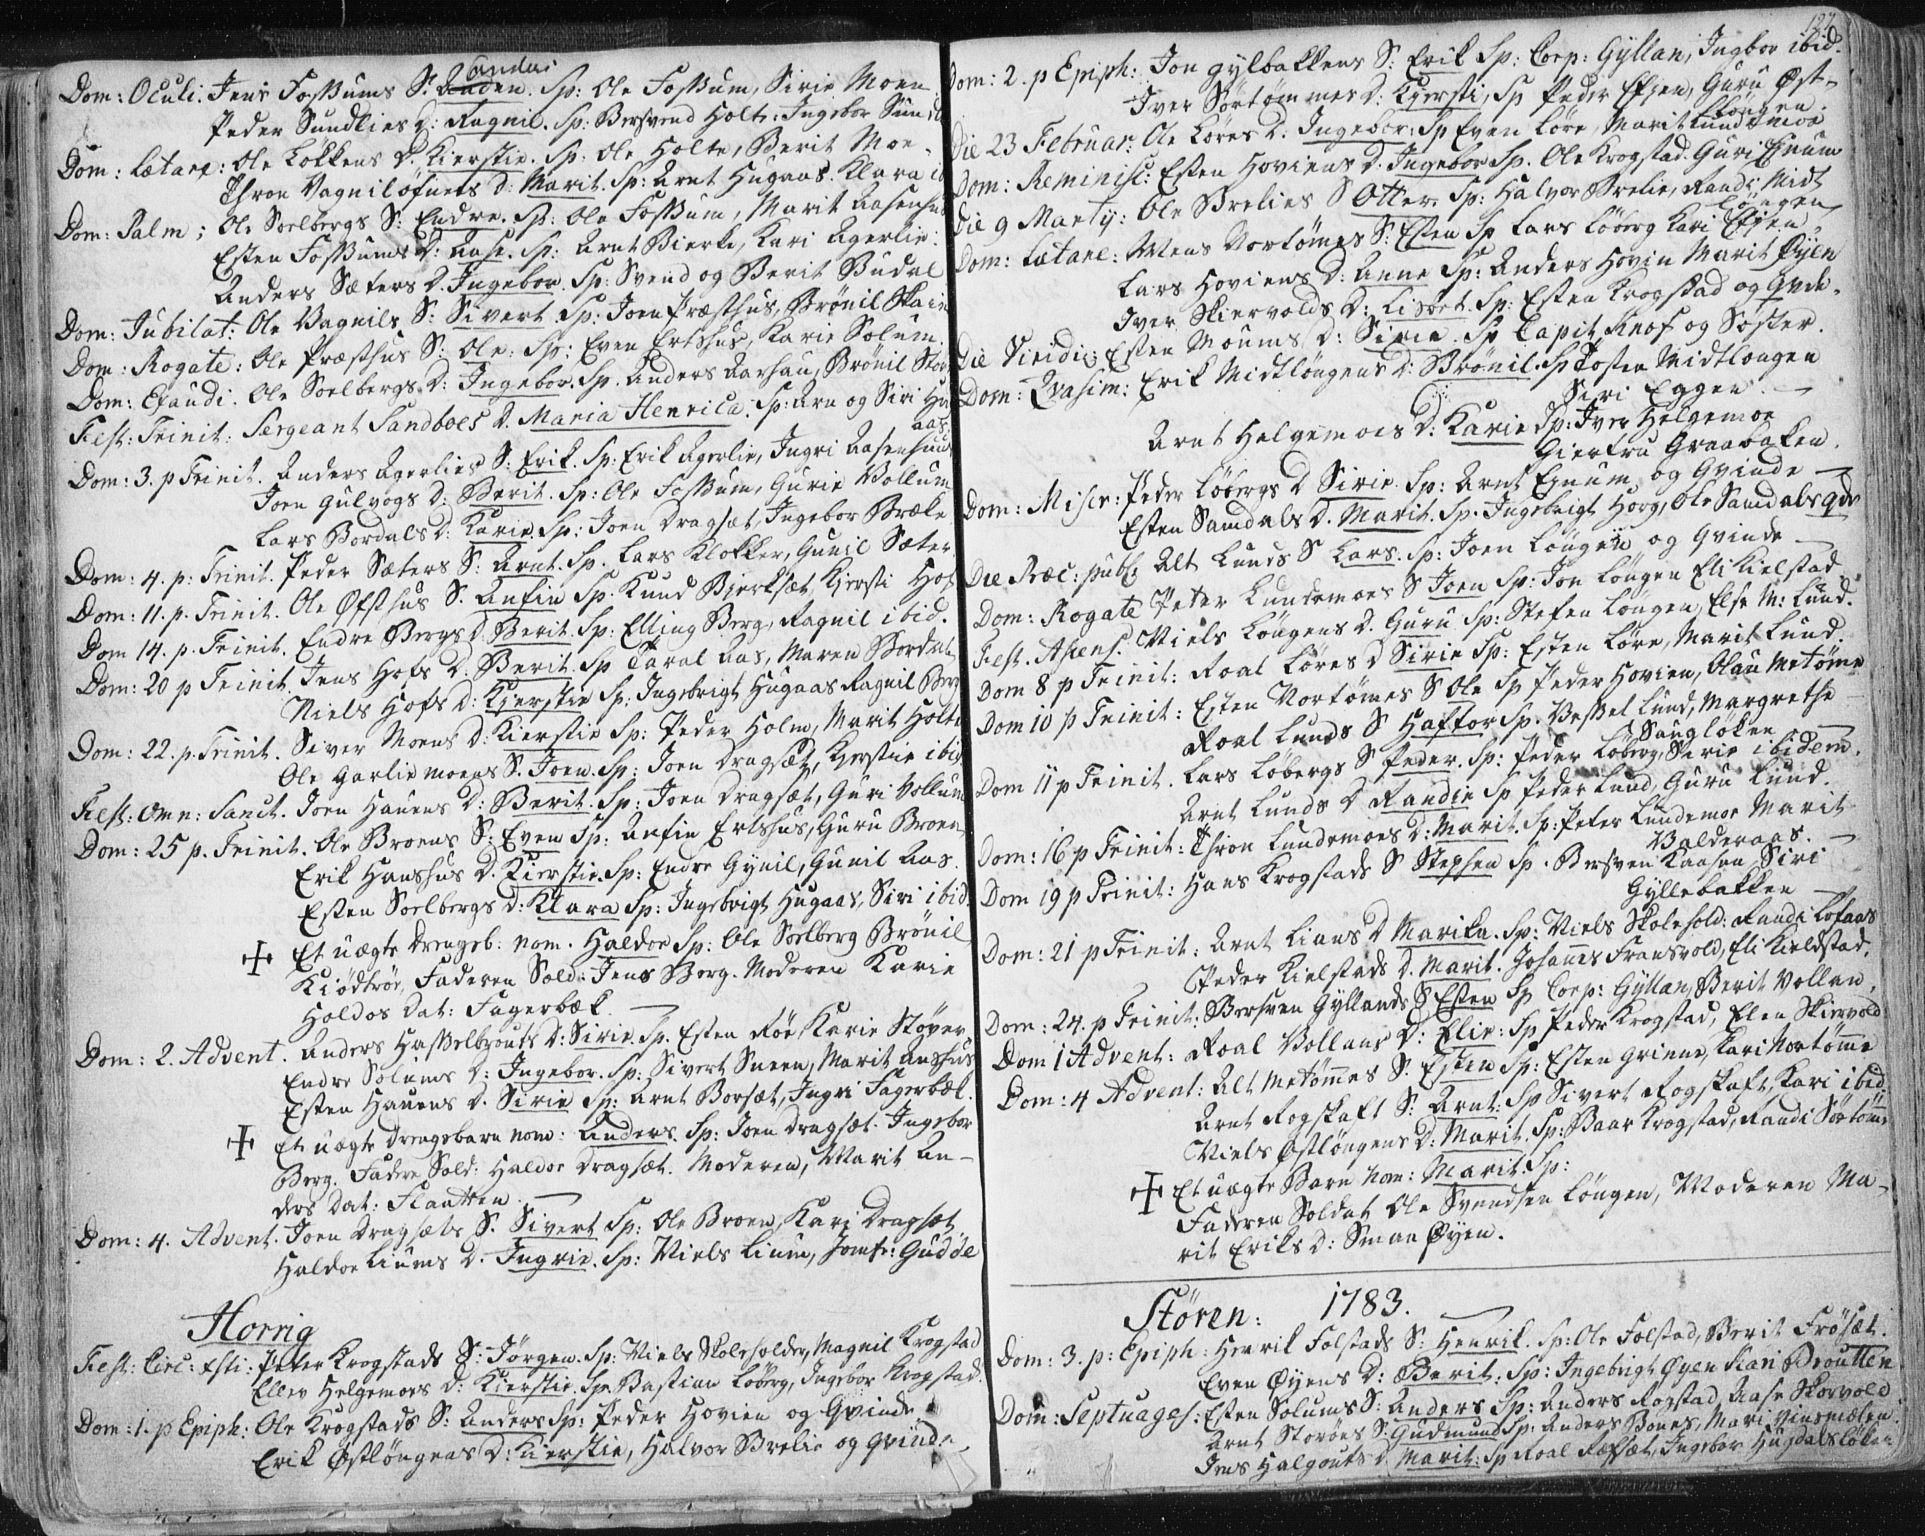 SAT, Ministerialprotokoller, klokkerbøker og fødselsregistre - Sør-Trøndelag, 687/L0991: Ministerialbok nr. 687A02, 1747-1790, s. 127